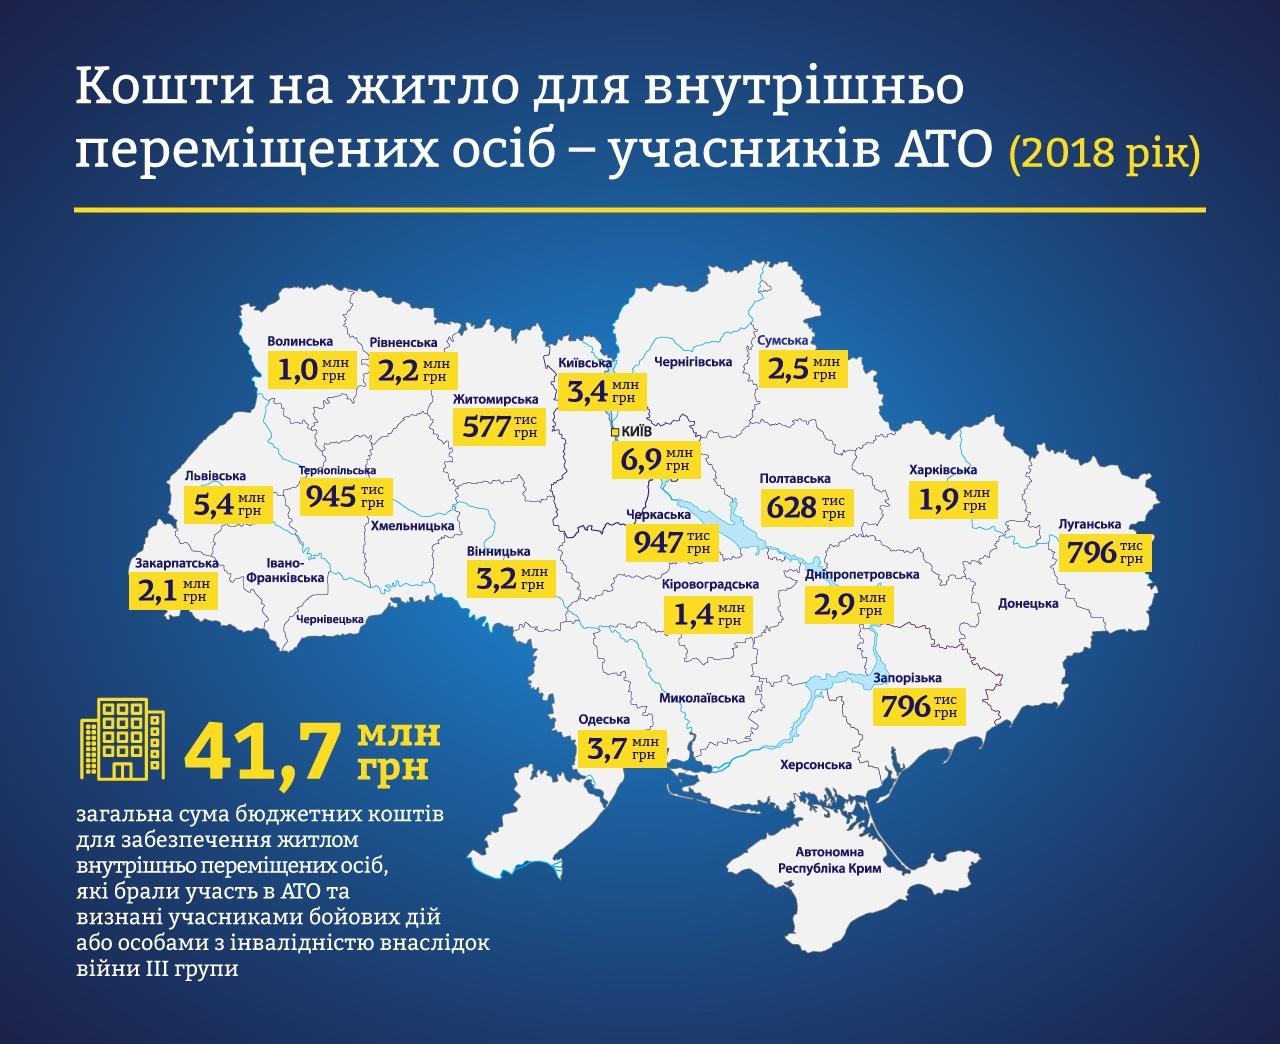 Инфографика: komvti.rada.gov.ua